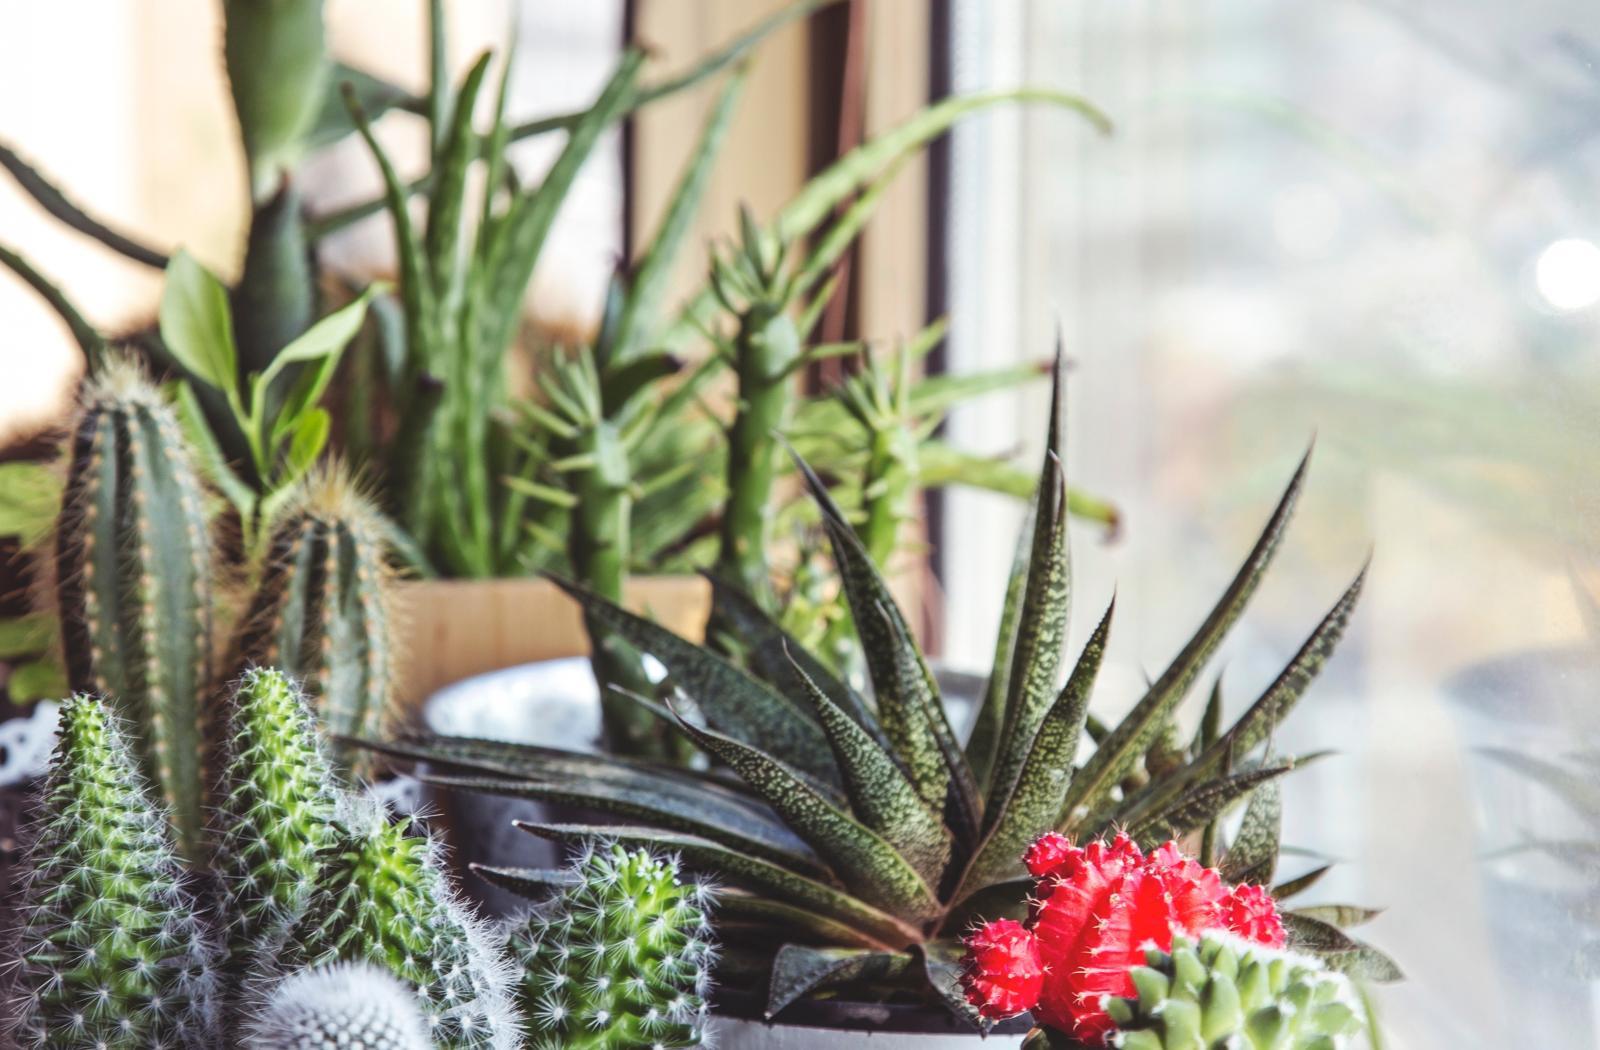 Vente de plantes d'intérieur près de Vitrolles (13)